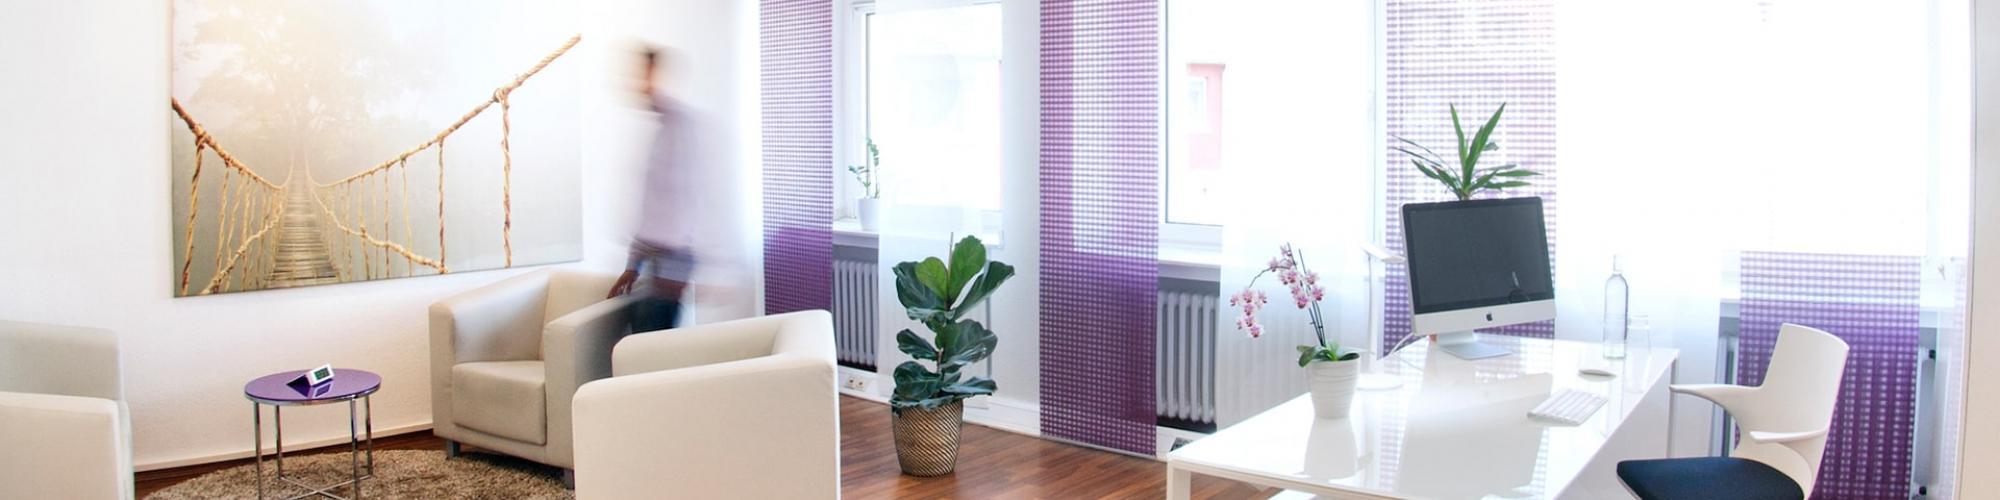 Fachzentren für Psychotherapie, Potreck & Kollegen, Köln Bonn Düsseldorf Aachen